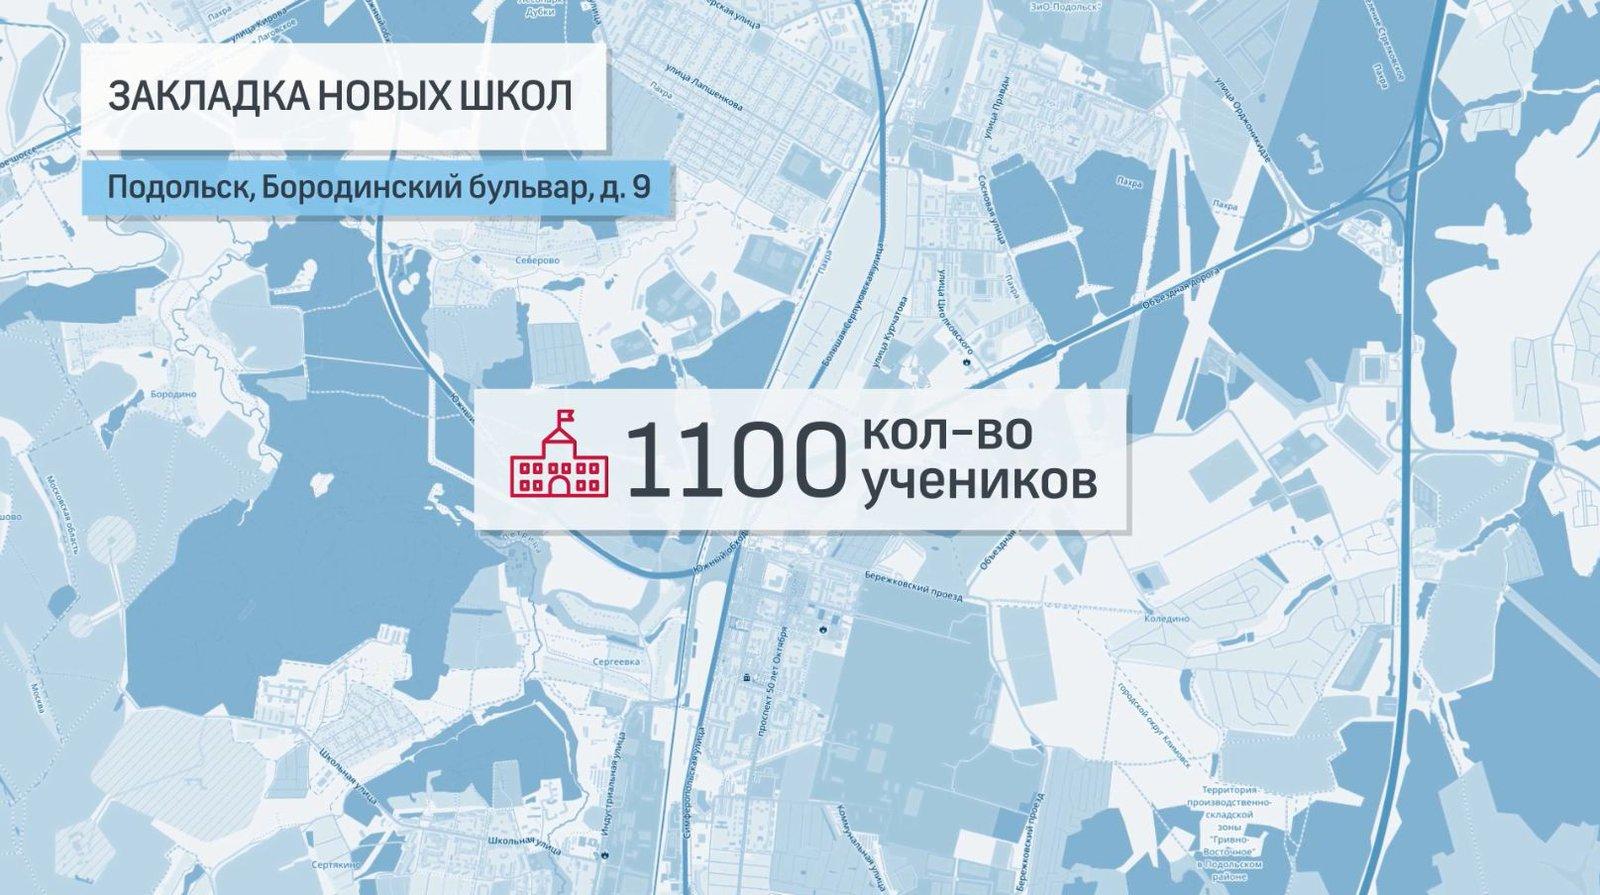 Школа в Подольске